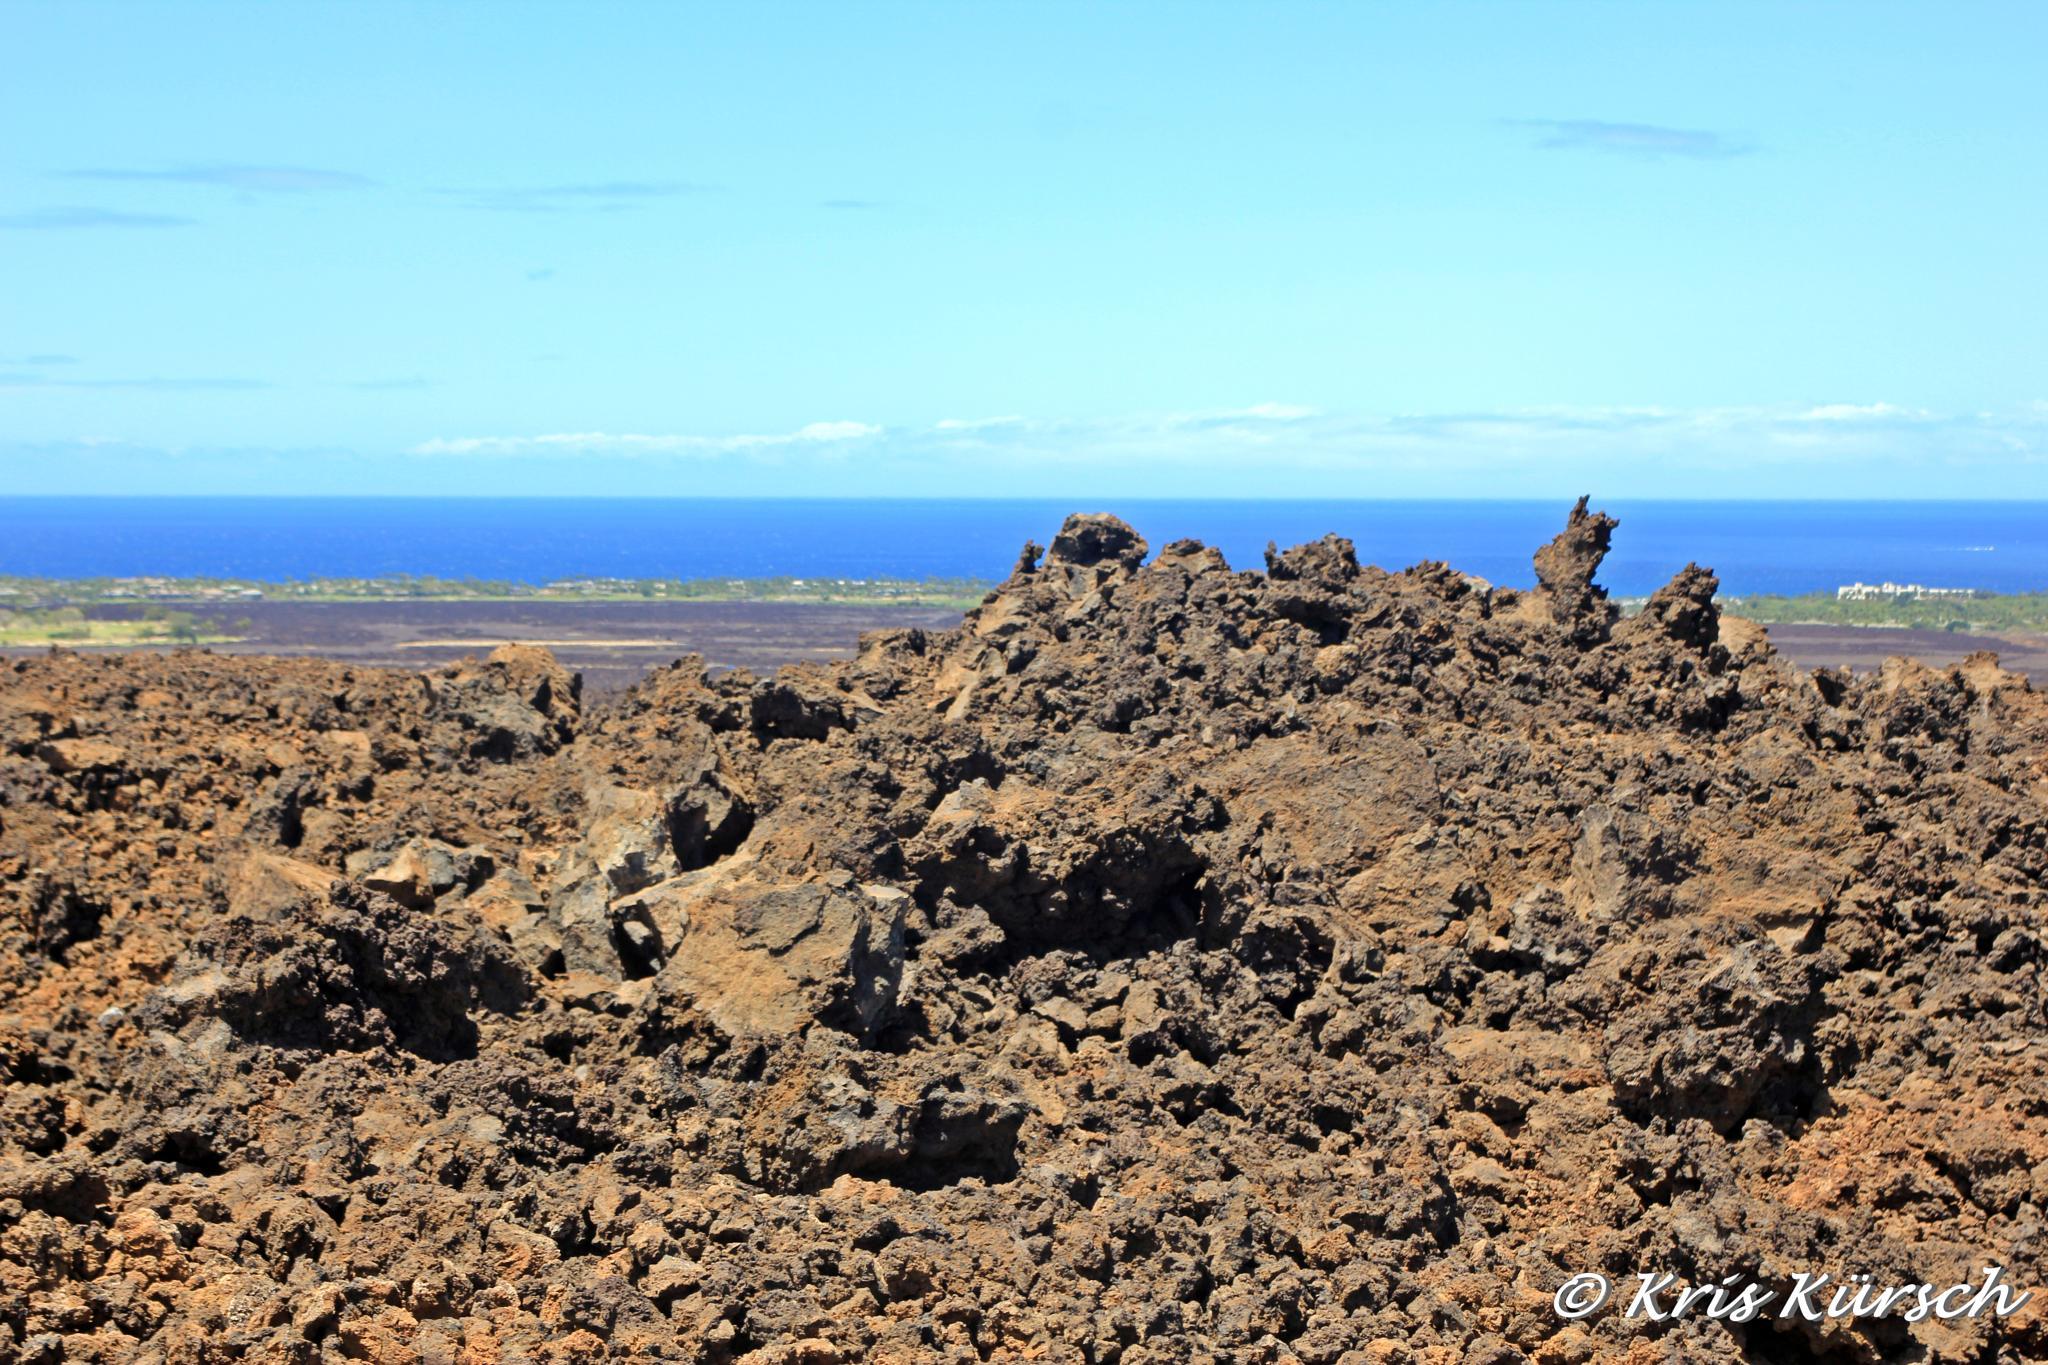 Hawaii  by Kris Kursch